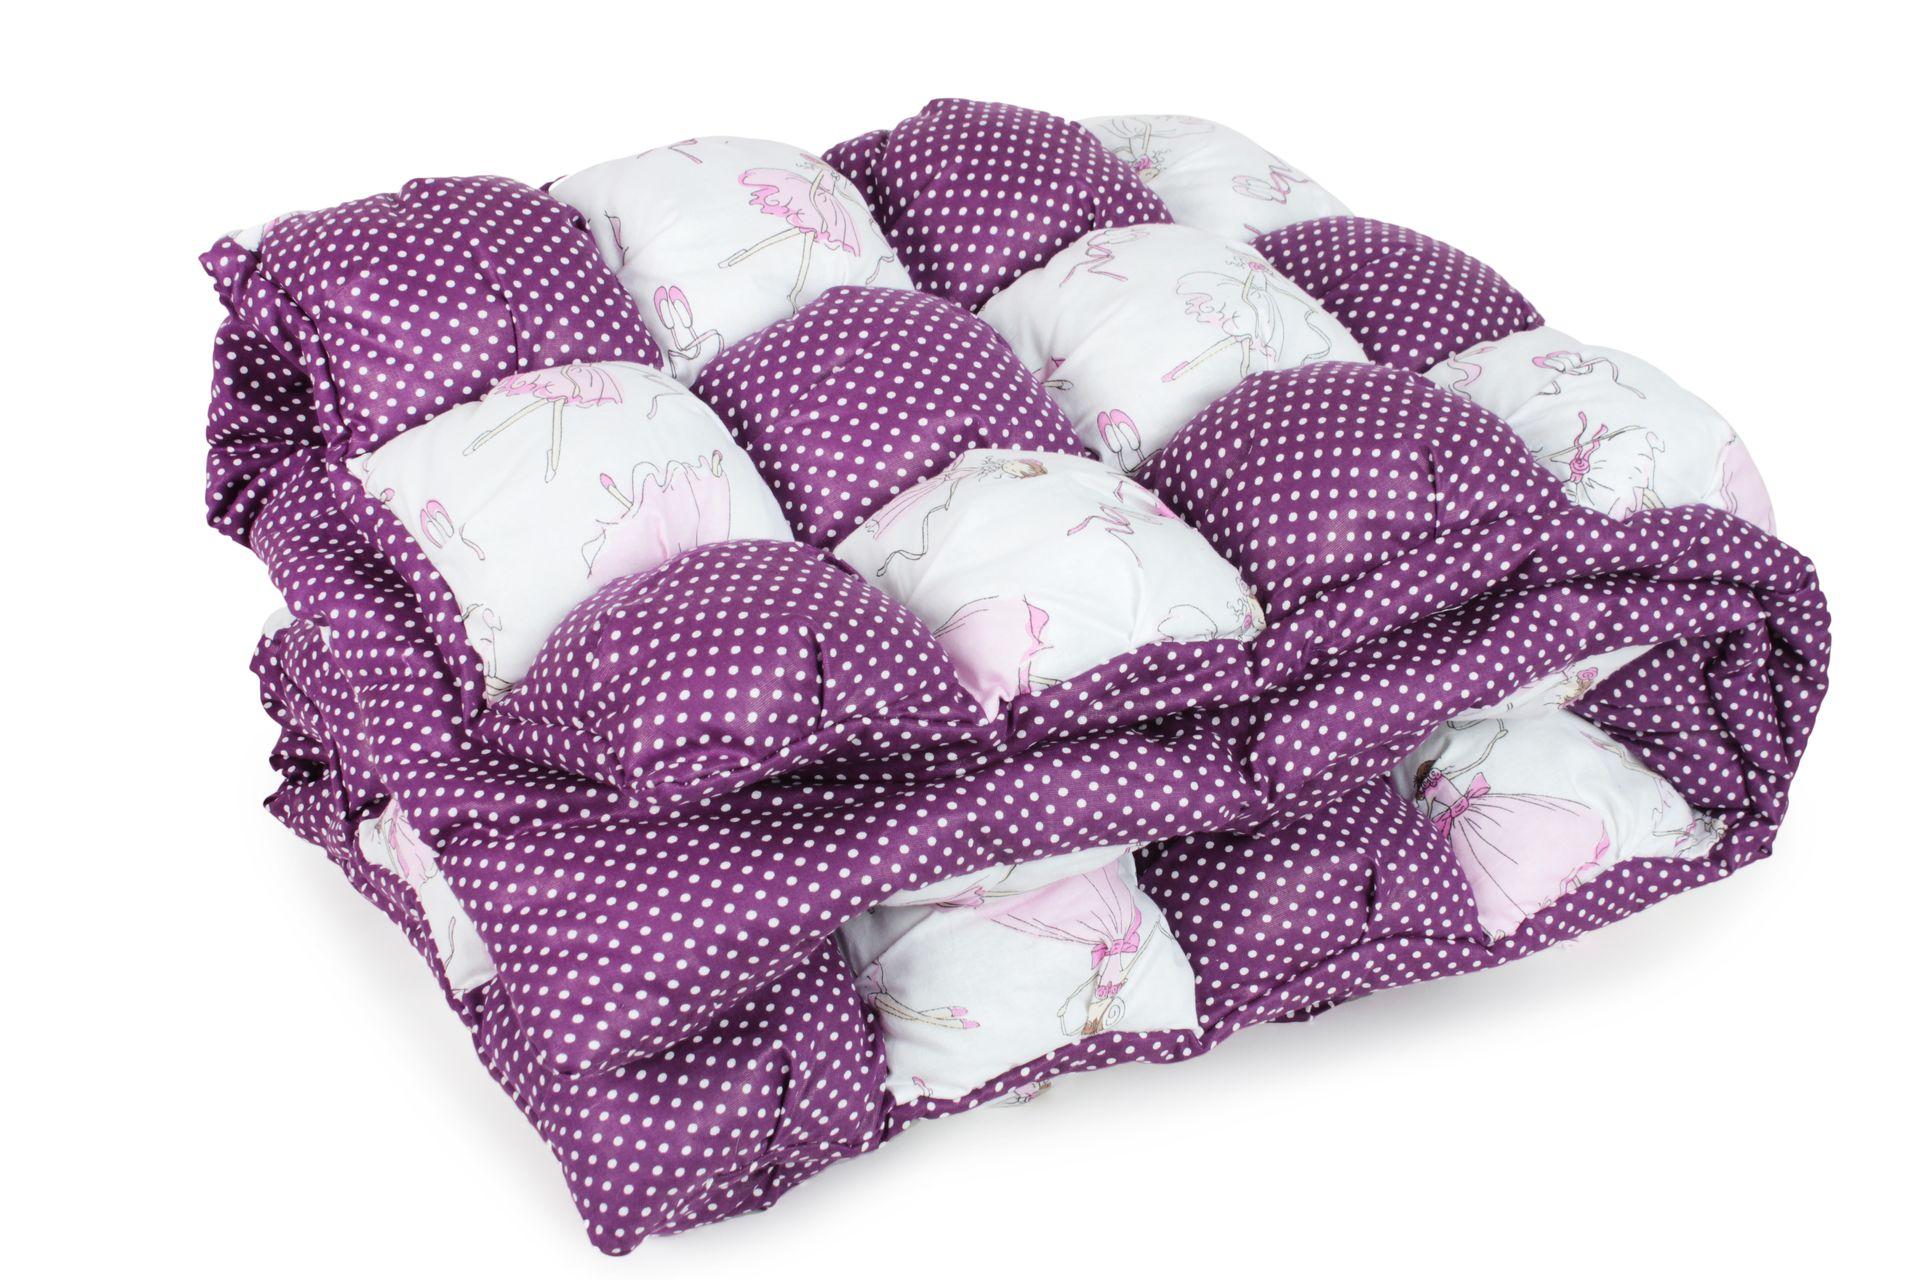 """фото одеяла-Бонбон AmaroBaby Royal Care в цвете """"Вишня"""""""